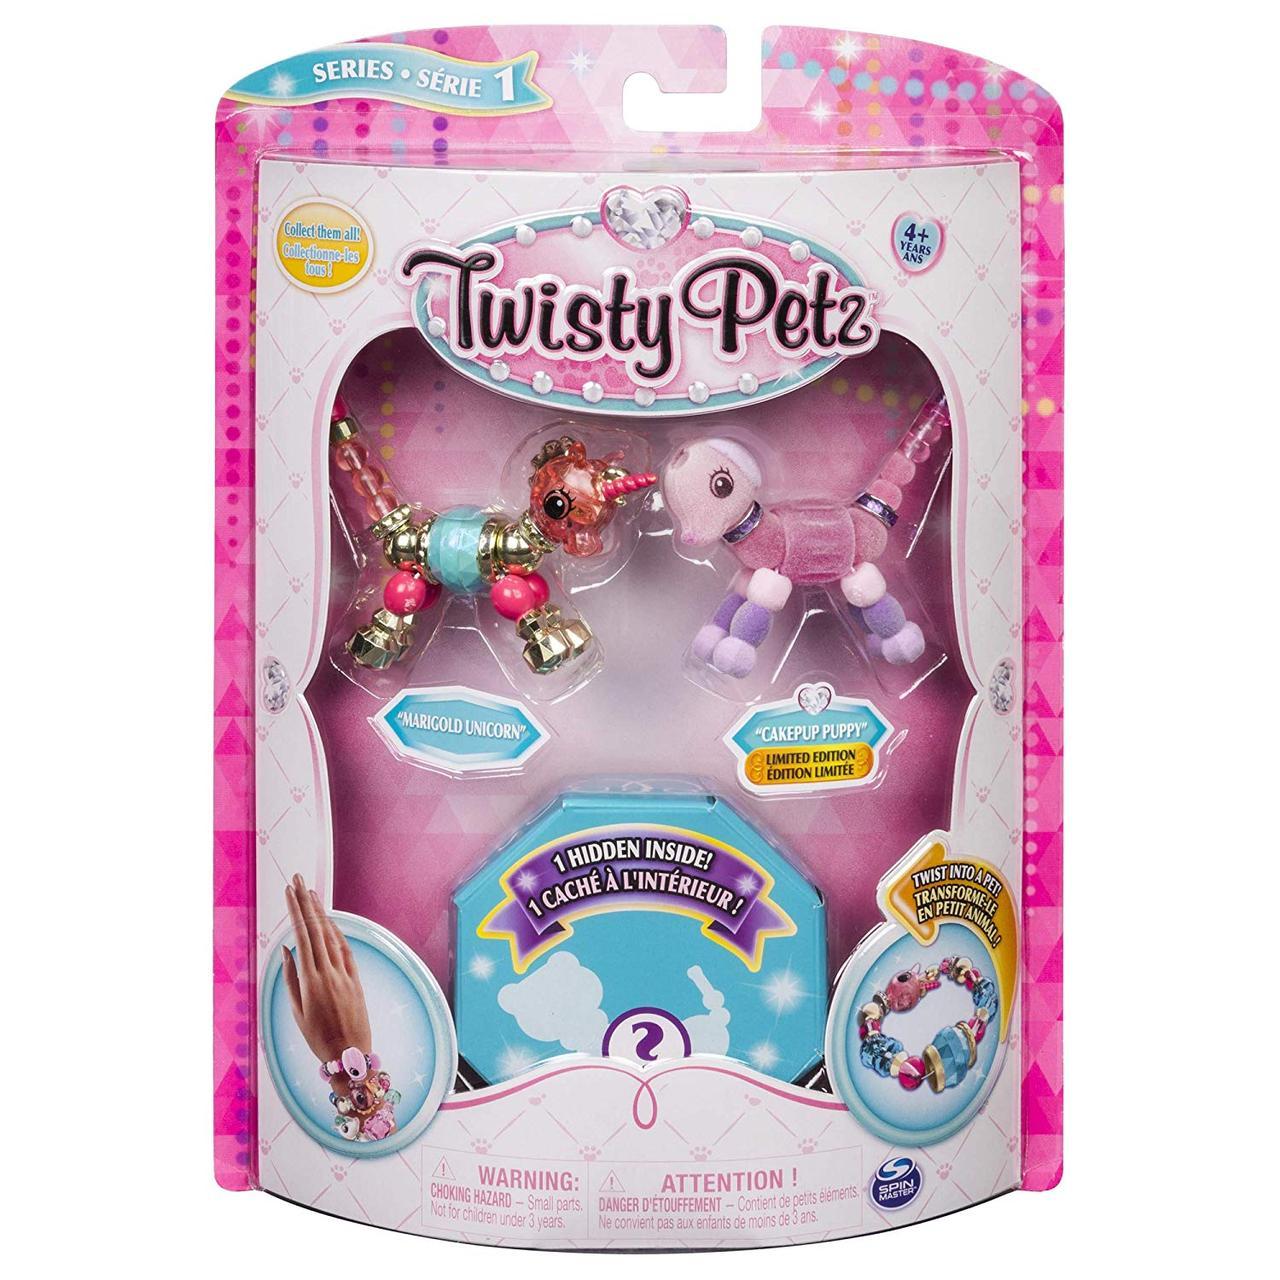 Twisty Petz Набор Твисти Петс Единорог Мариголд и Щенок Пупсик + коллекционная фигурка игрушка для девочек